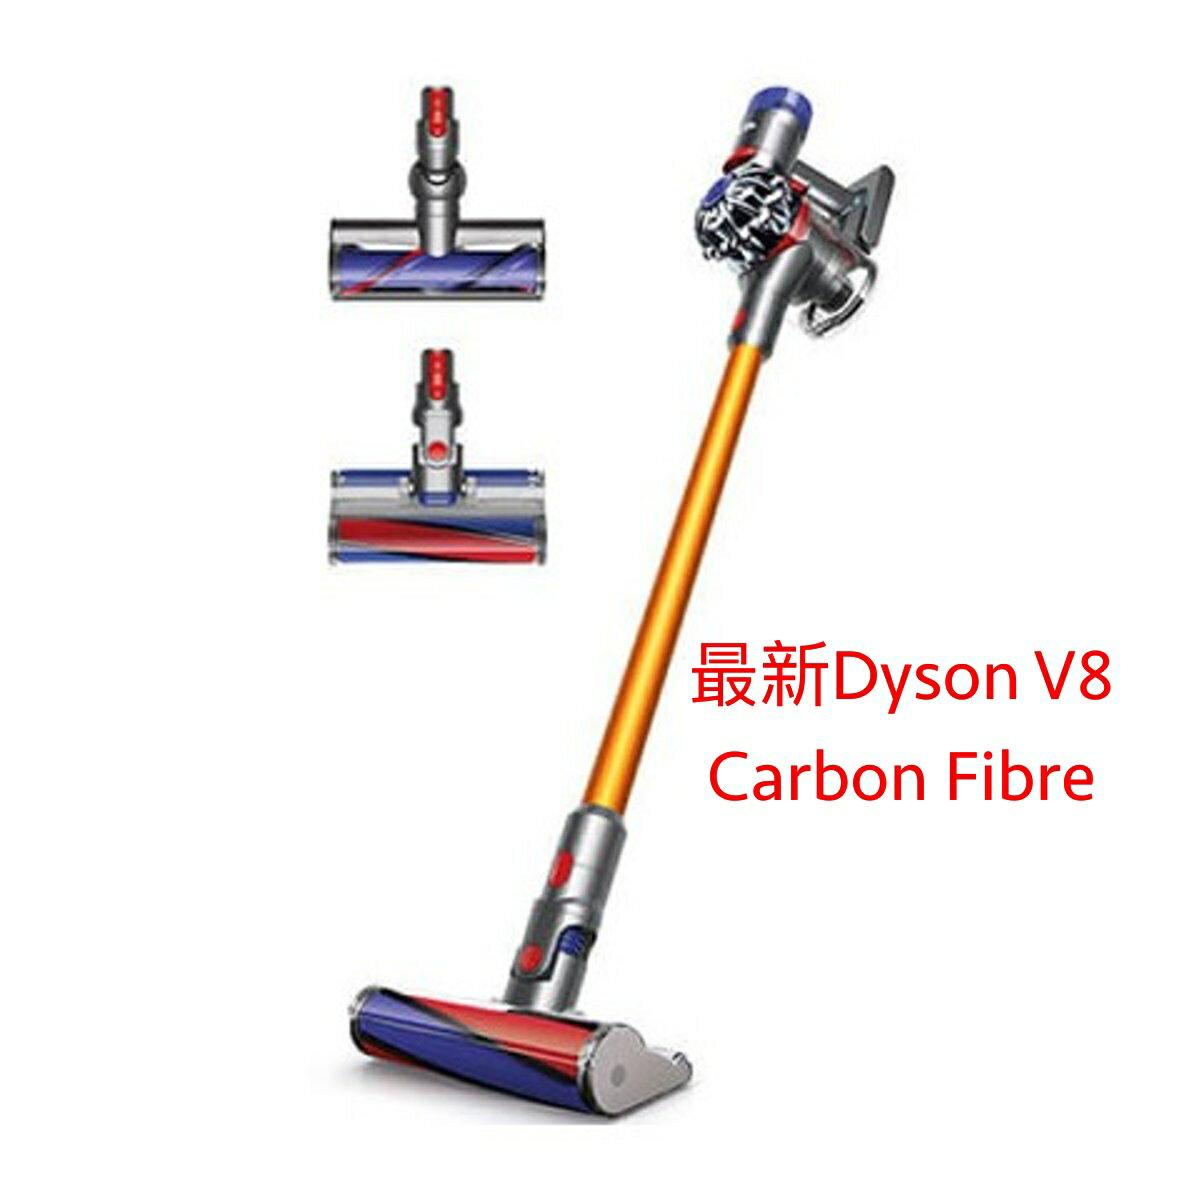 [全店97折][3/31前,PG會員領券再折350] [建軍電器]最新 Dyson V8 Carbon Fibre 現貨 SV10 十吸頭&贈送收納包